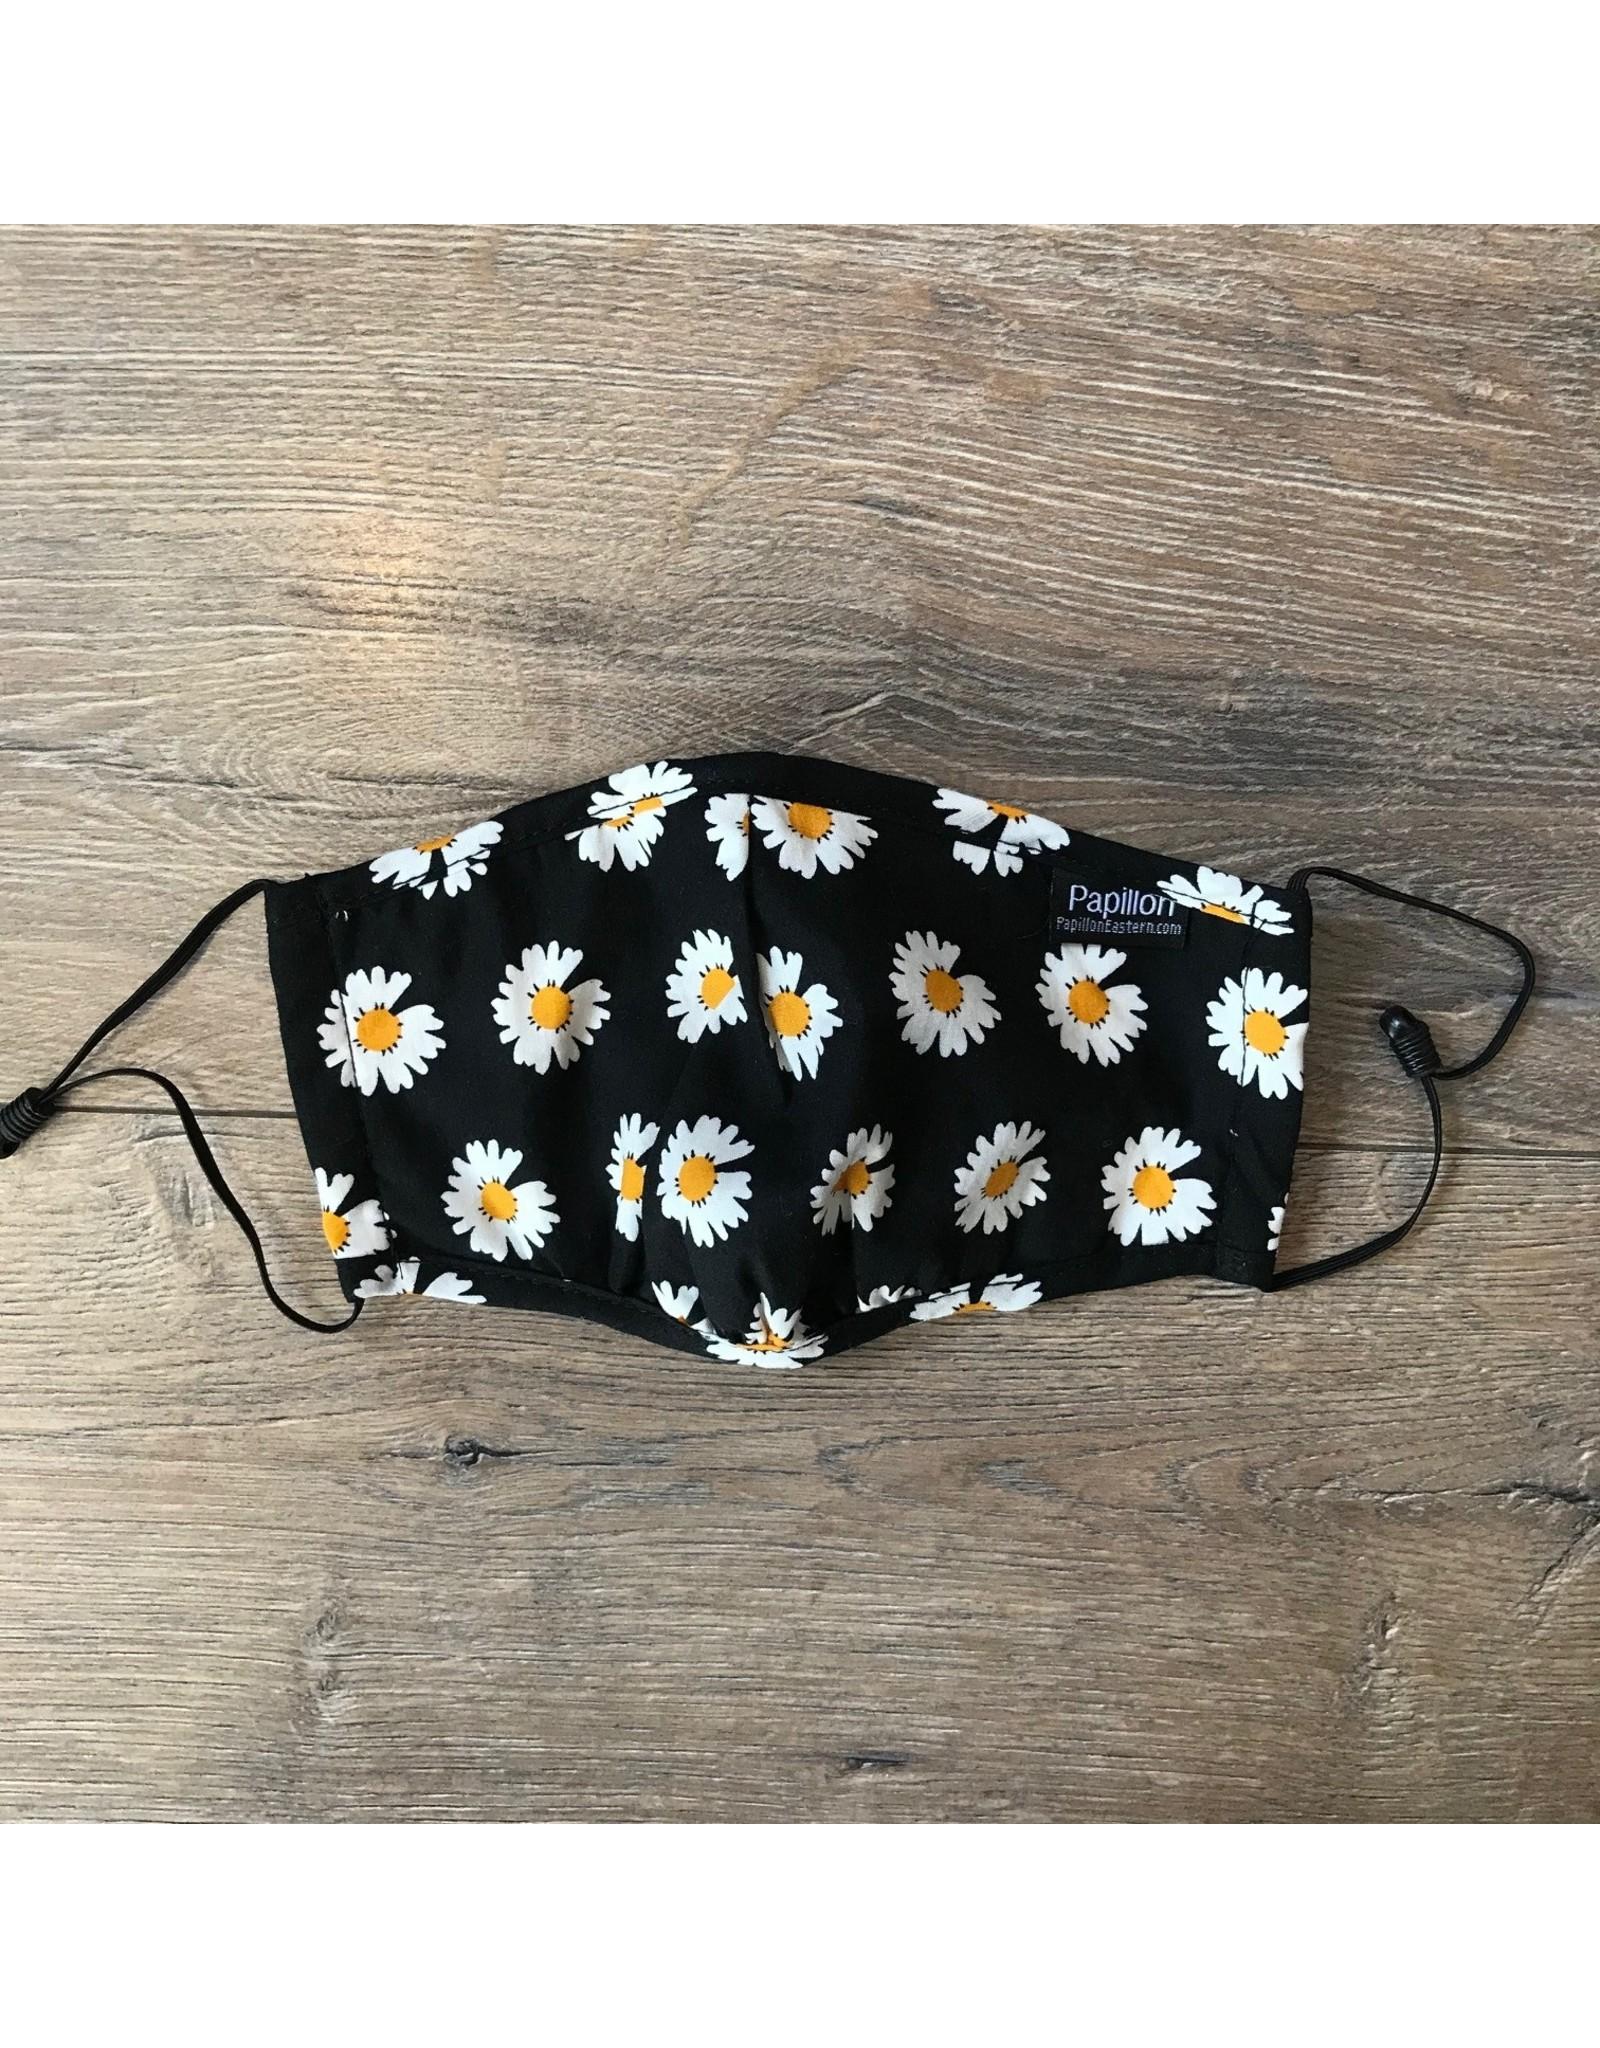 Papillon Papillon - Face mask (daisies)